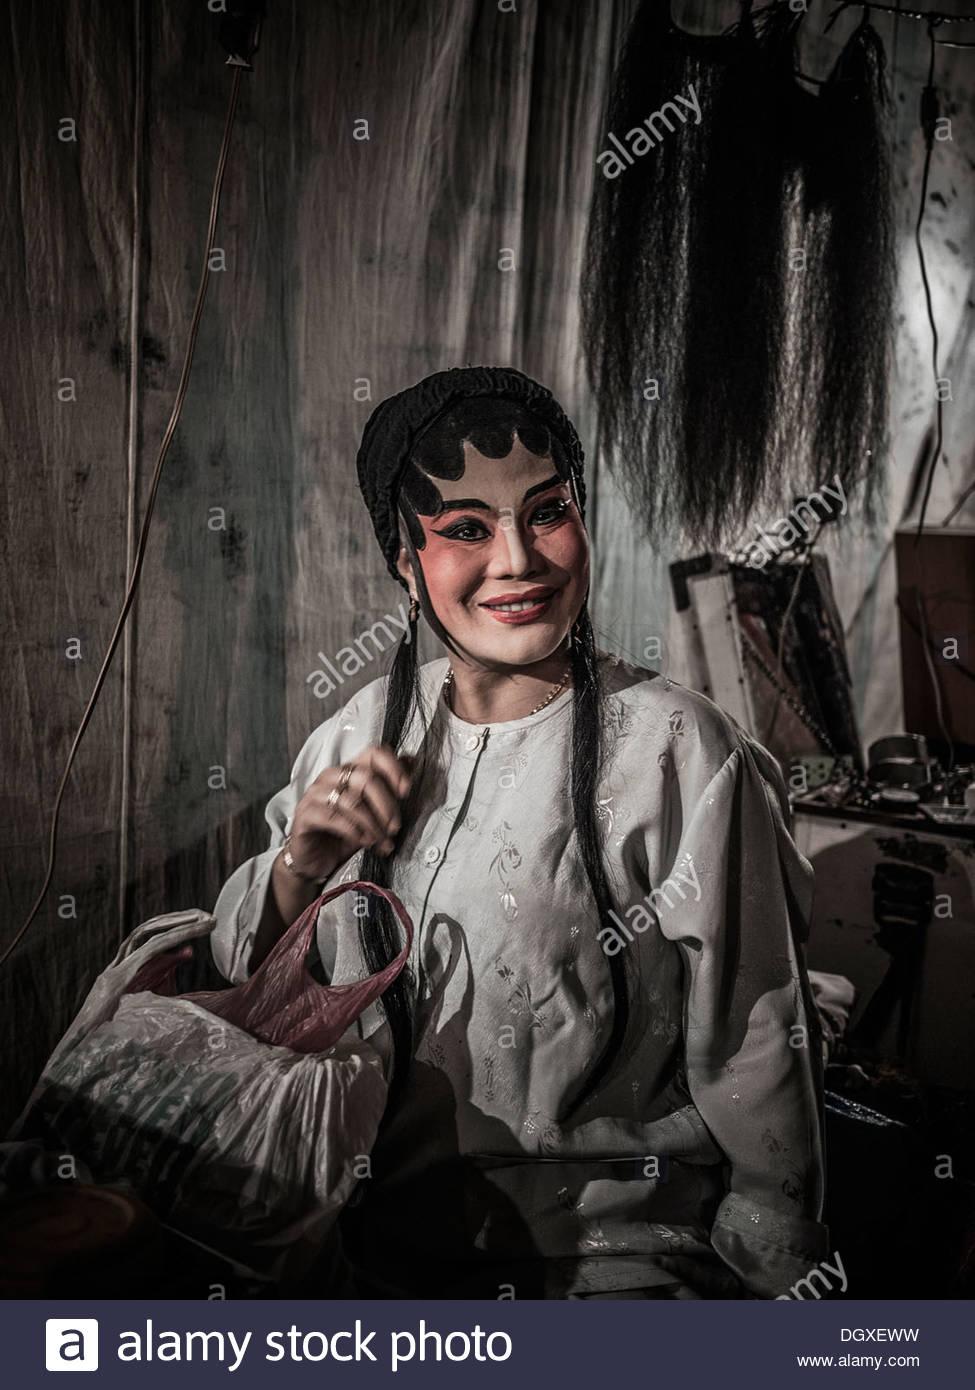 Chinesische Oper Schauspieler in vollen Make-up und Kleidung vor einer Aufführung hinter den Kulissen. S. E. Stockbild